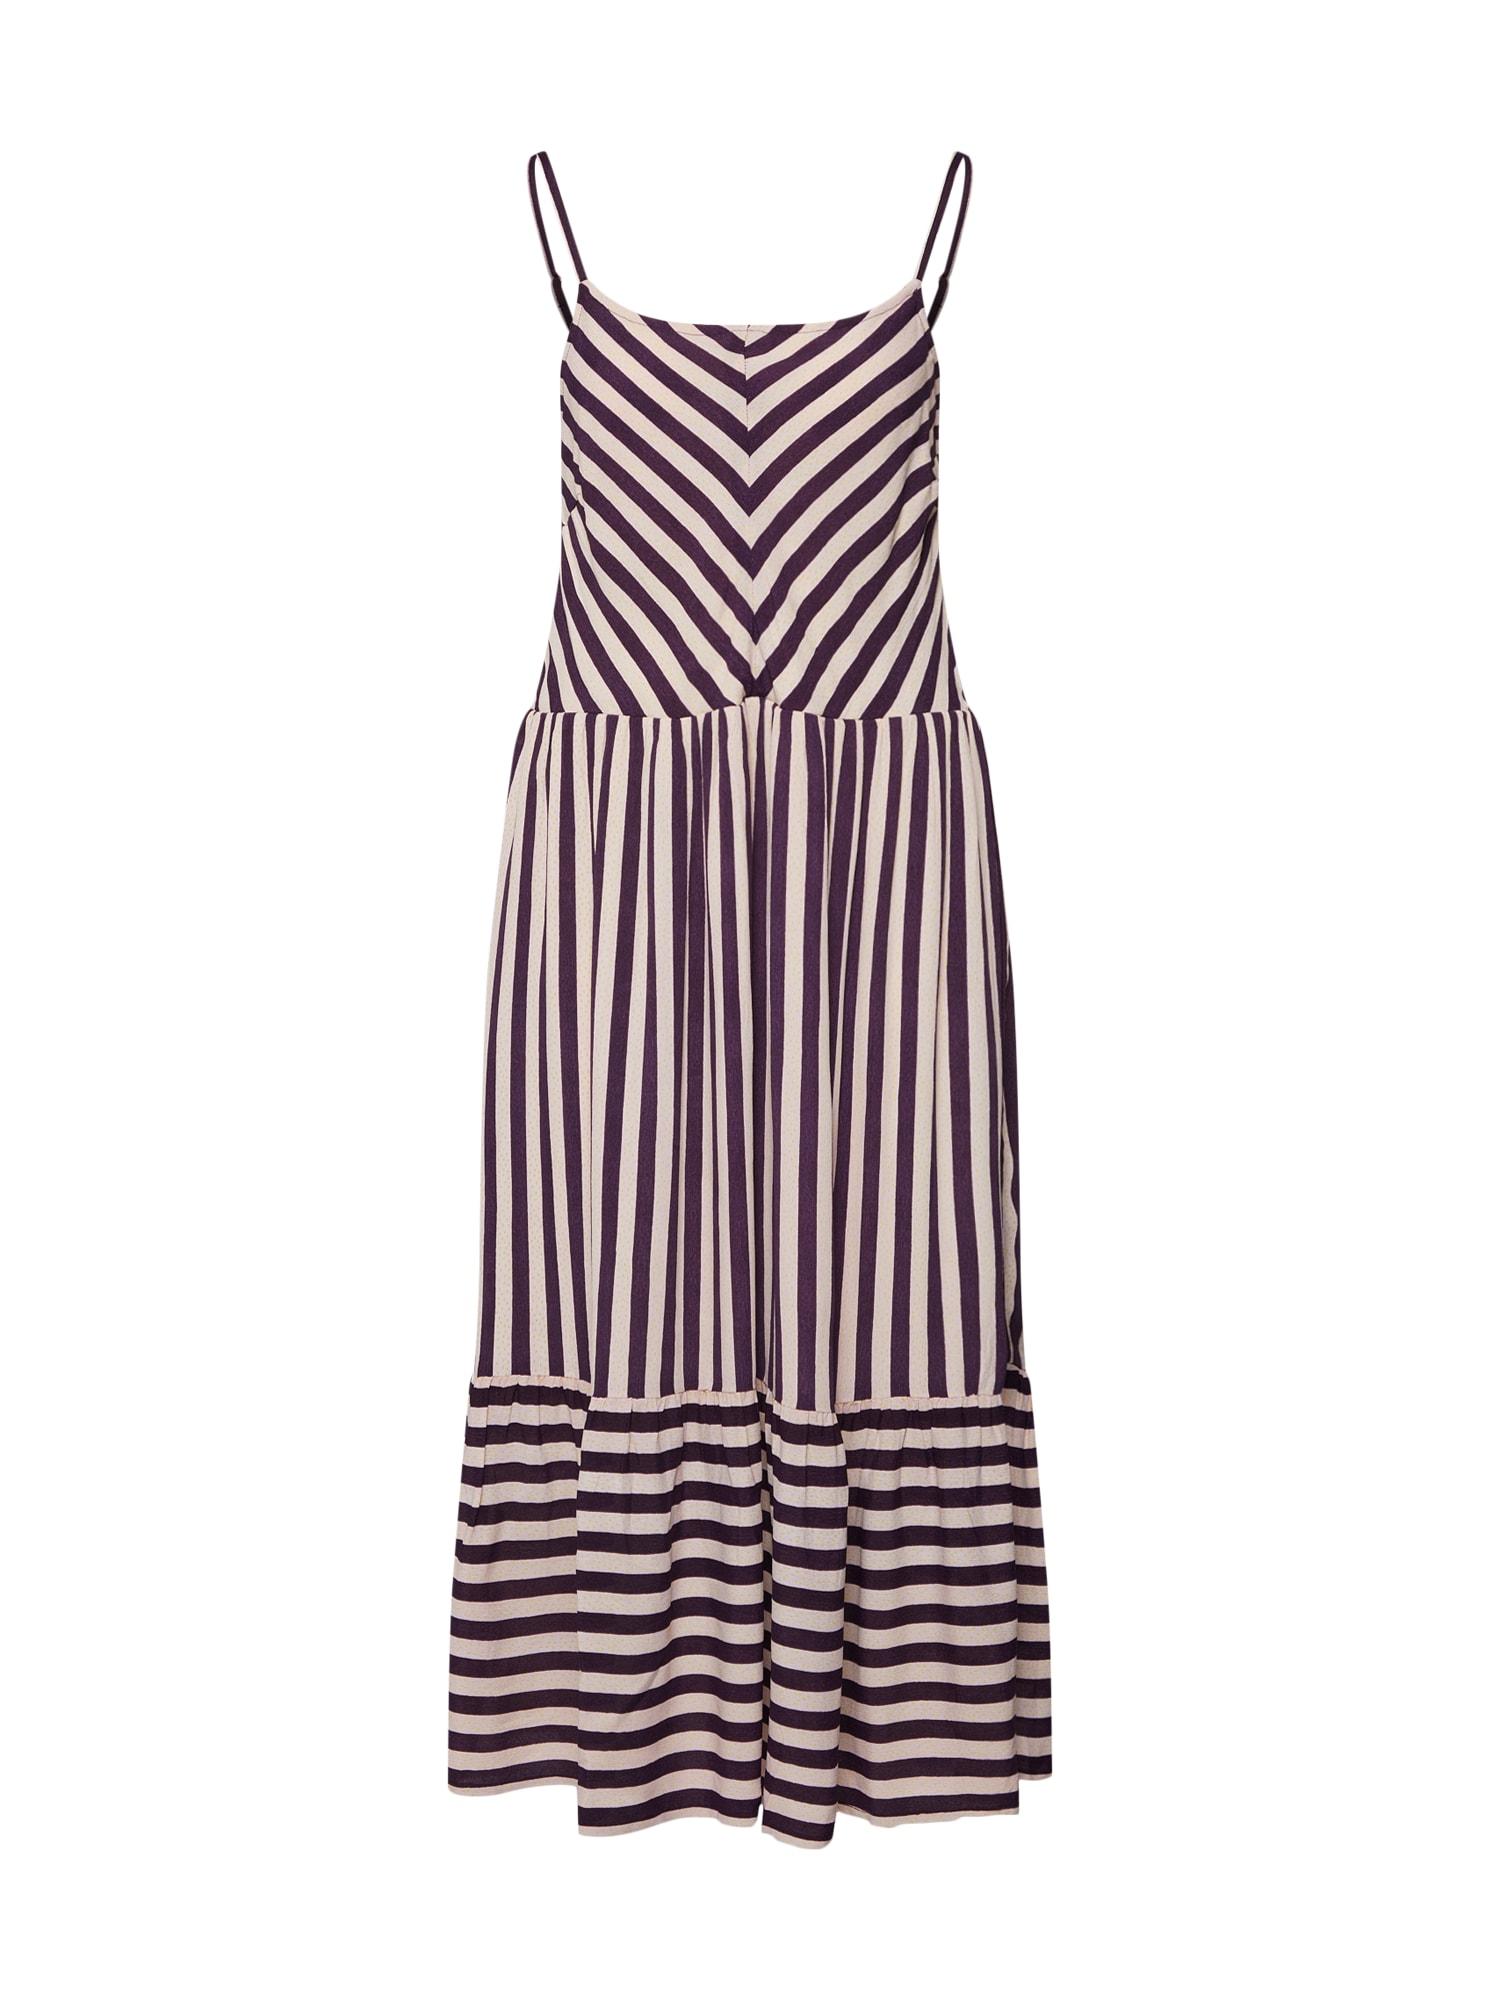 Šaty Jenessa fialová bílá NÜMPH